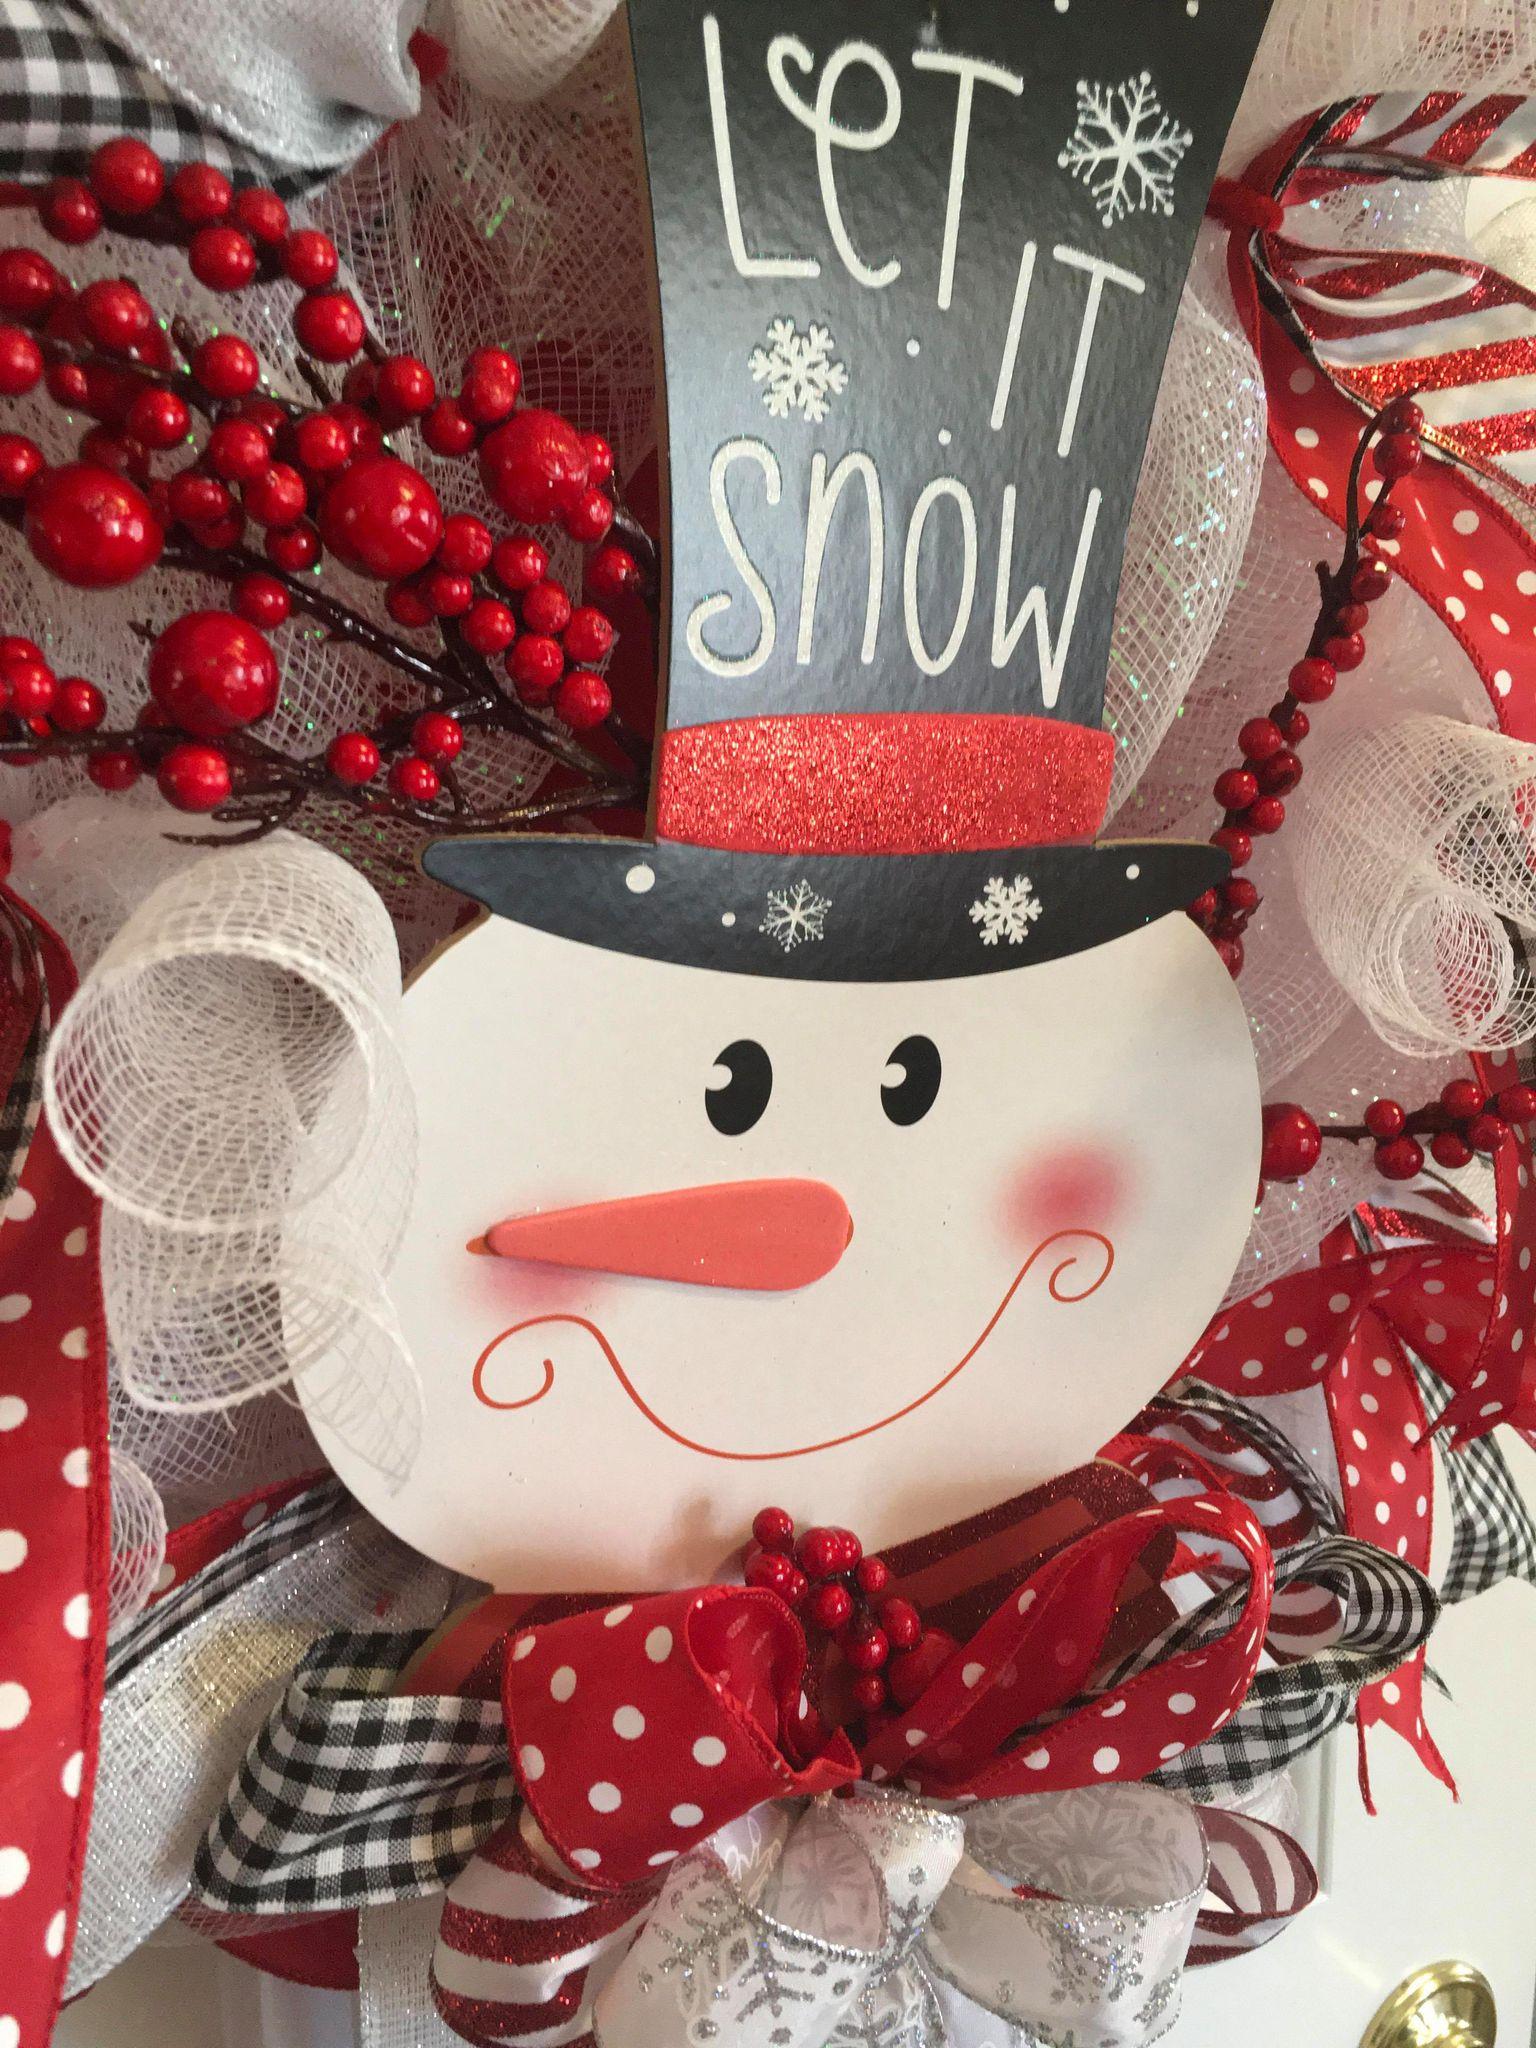 wre-033-let-it-snow2-1